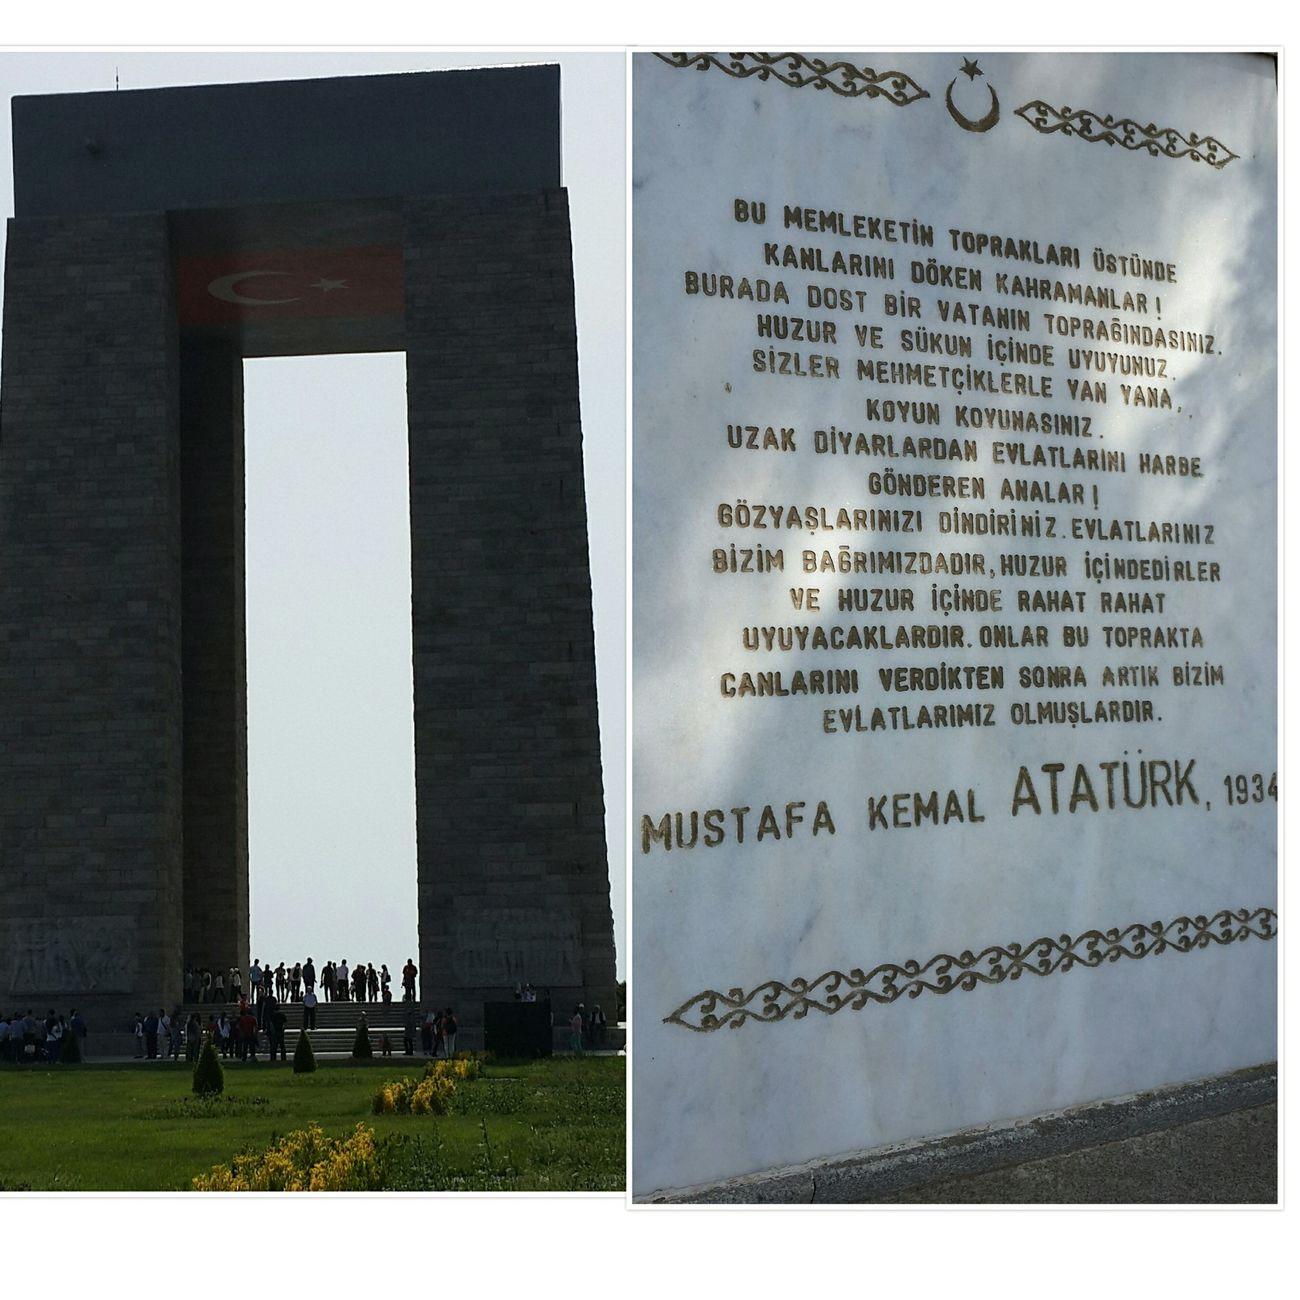 Çanakkale Şehitlik Anıtı'nın boyu 41 metre 70 cm.dir. 40 metre Atatürk'ün temennisini dile getirdiği anıt yüksekliği. Kalan 1,70 ise Büyük önderimiz Atatürk'müzün boyudur. 1934 yılında söylediği bu sözler ise onun gerçek anlamda evrensel bir lider olduğunun kanıtlarından sadece bir tanesi... ... Çanakkale Abidesi Hello World çanakkaledenizzaferimiz100yaşında Travel Historic City Landscape_Collection Travel Photography Ineedamiracleformylostsoul Eye4photography